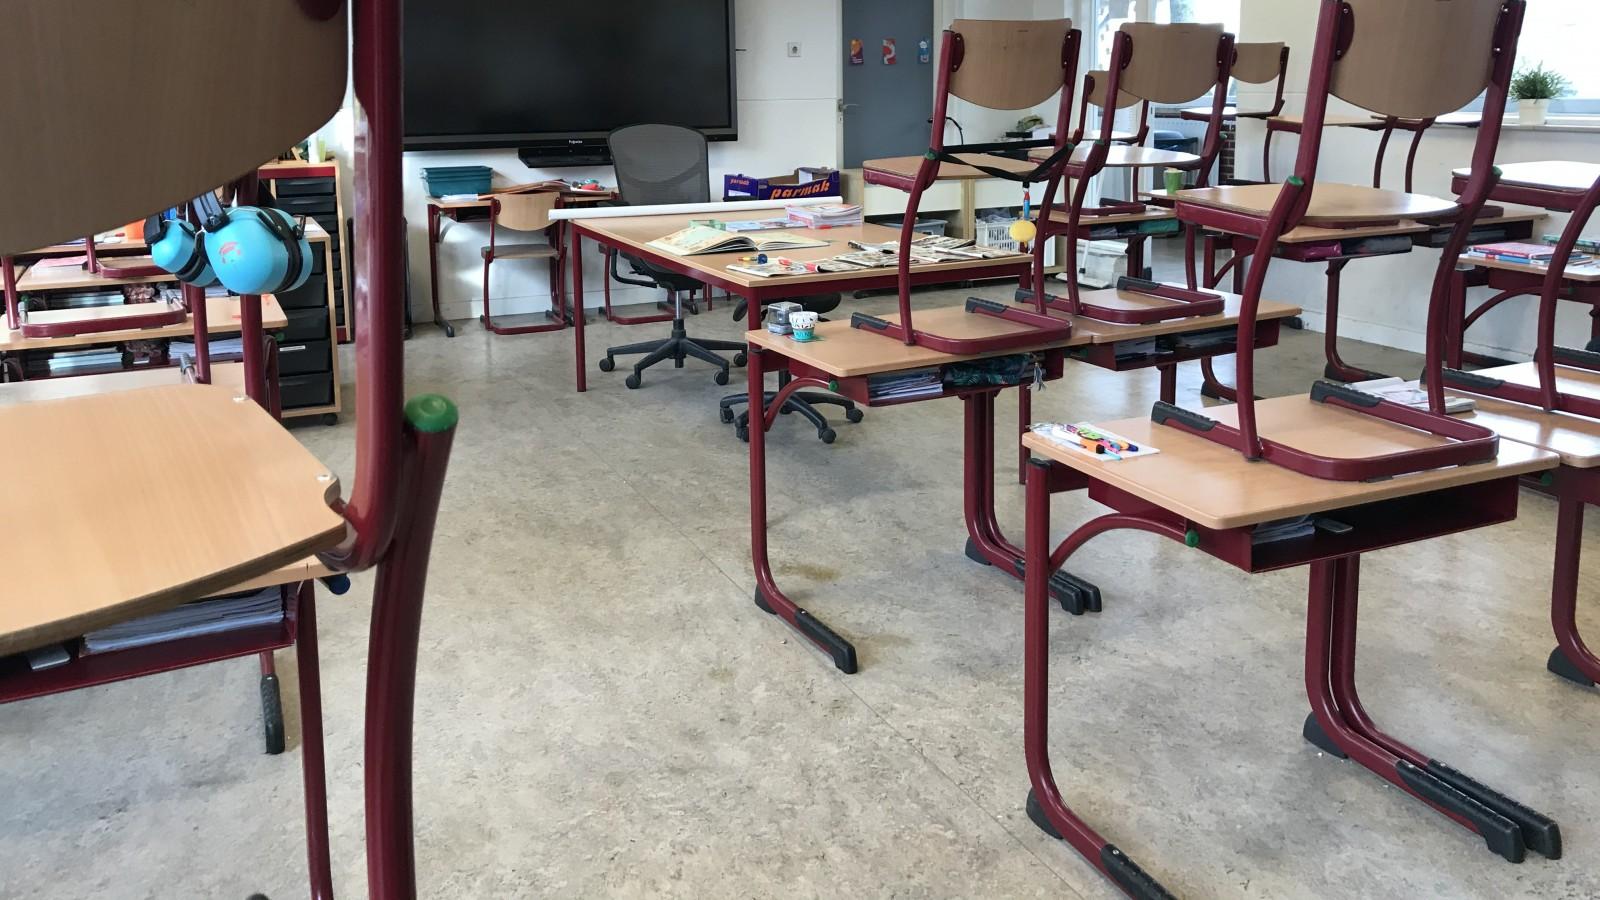 Geen hele schooldagen in Eemnes: 'De hele week drie uur les per dag biedt meer structuur'